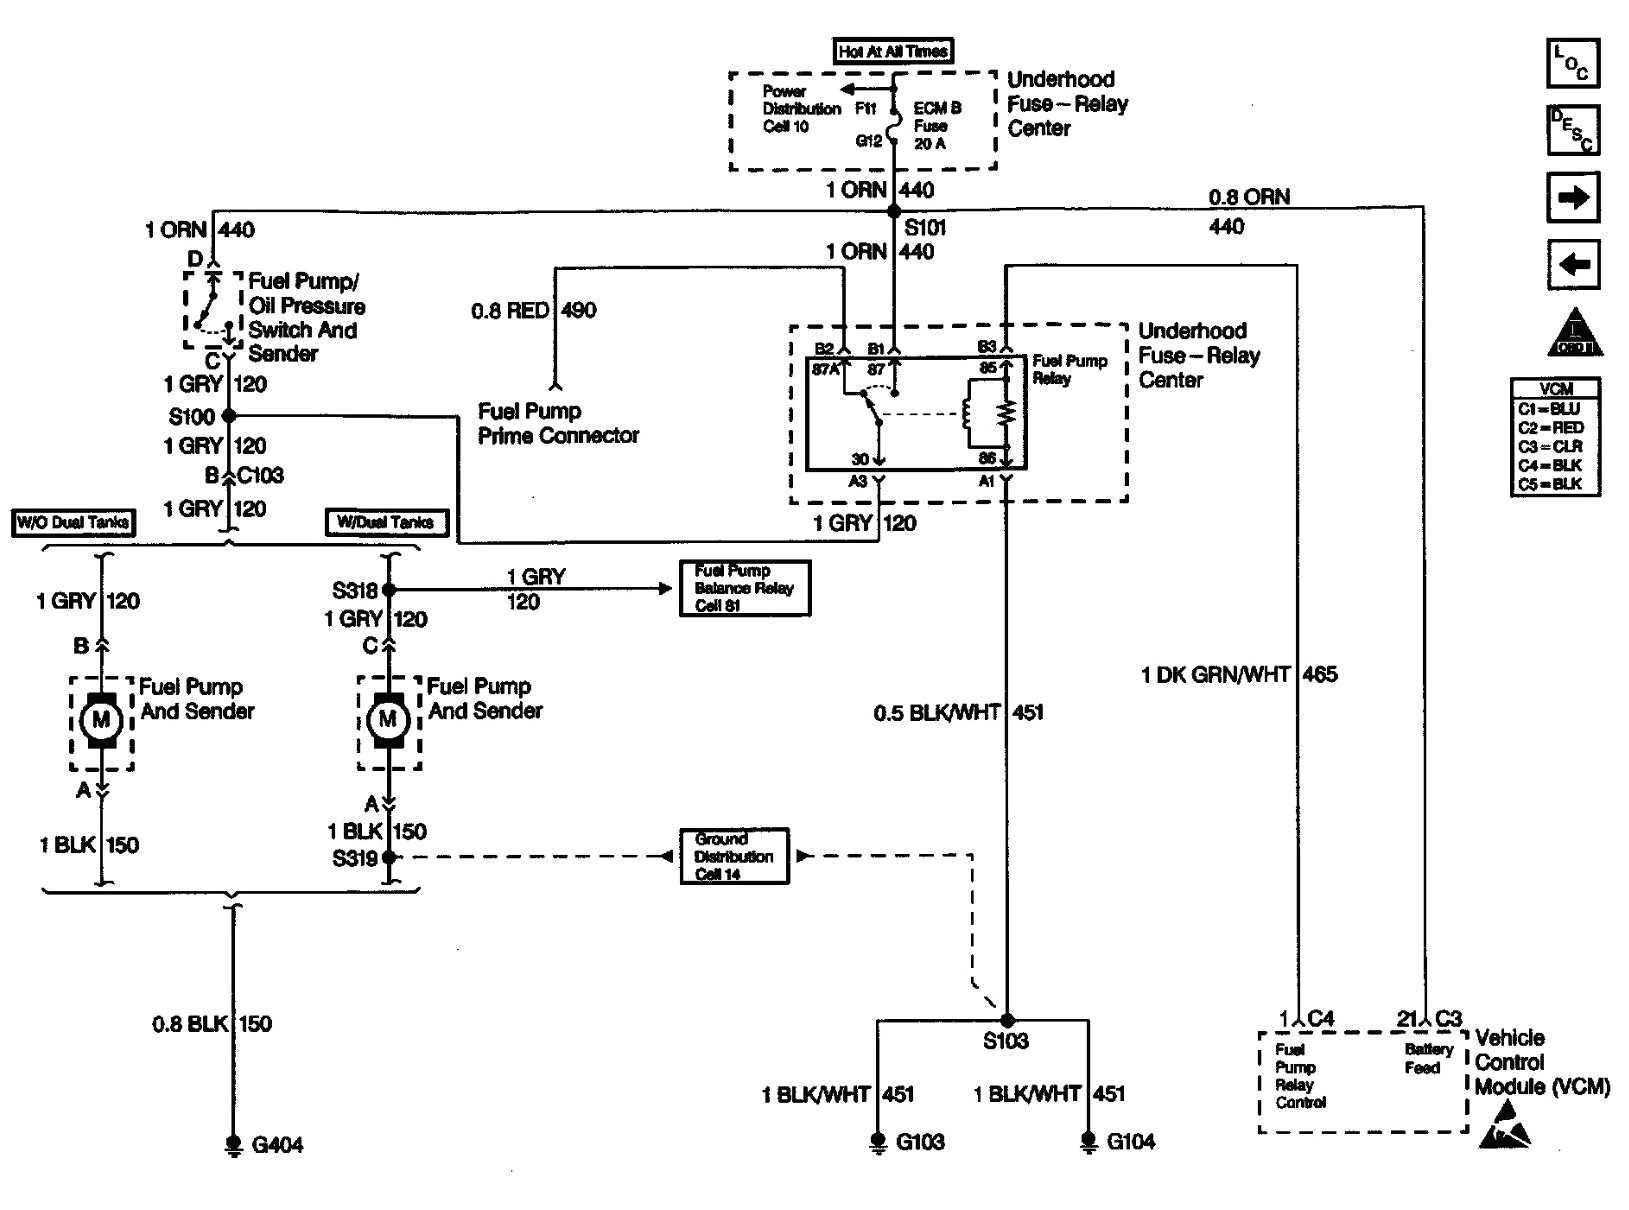 1998 chevy silverado fuel pump wiring diagram - 1998 k1500 wiring diagram  automotive block diagram •